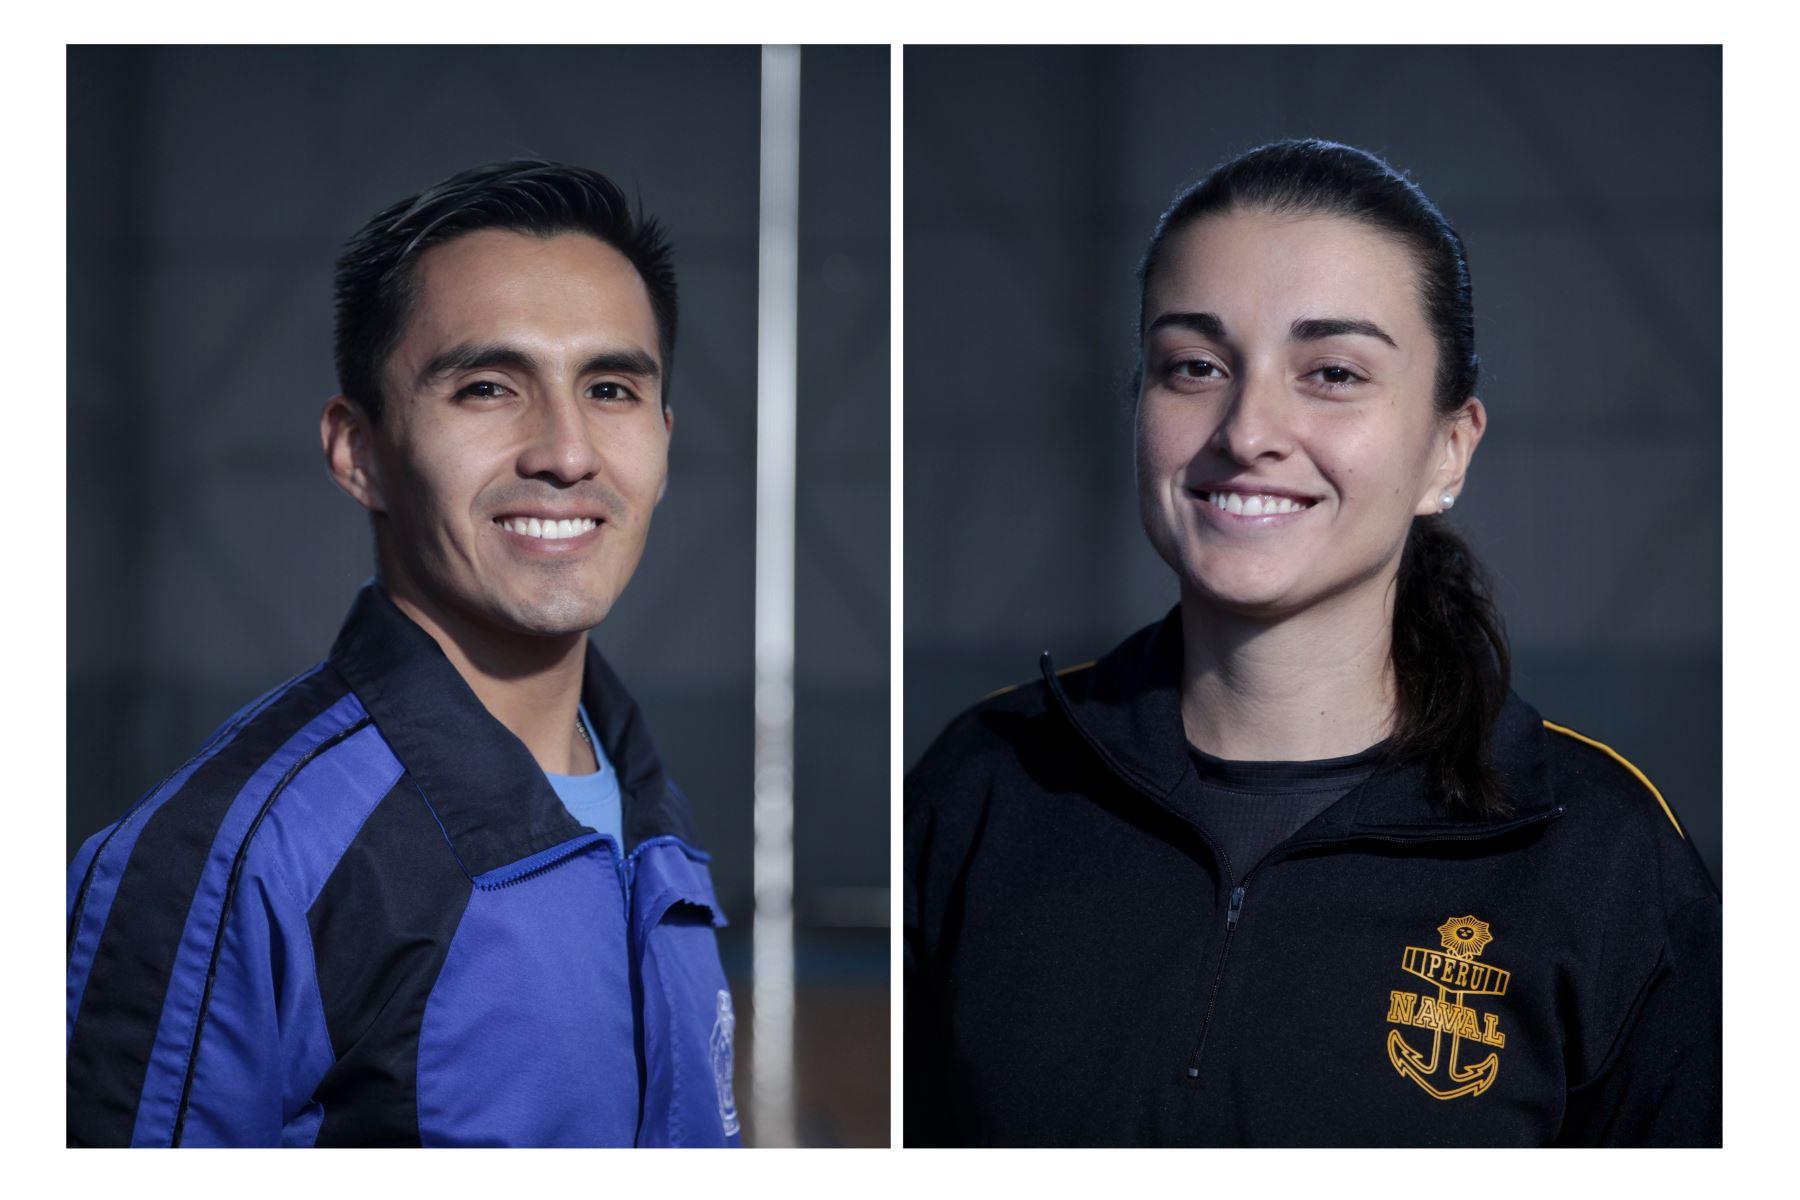 Deportistas militares clasificados a los Juegos Panamericanos Lima 2019. Kevin Altamirano Farfán y Brianda Rivera Villegas. Foto: ANDINA/Miguel Mejía Castro